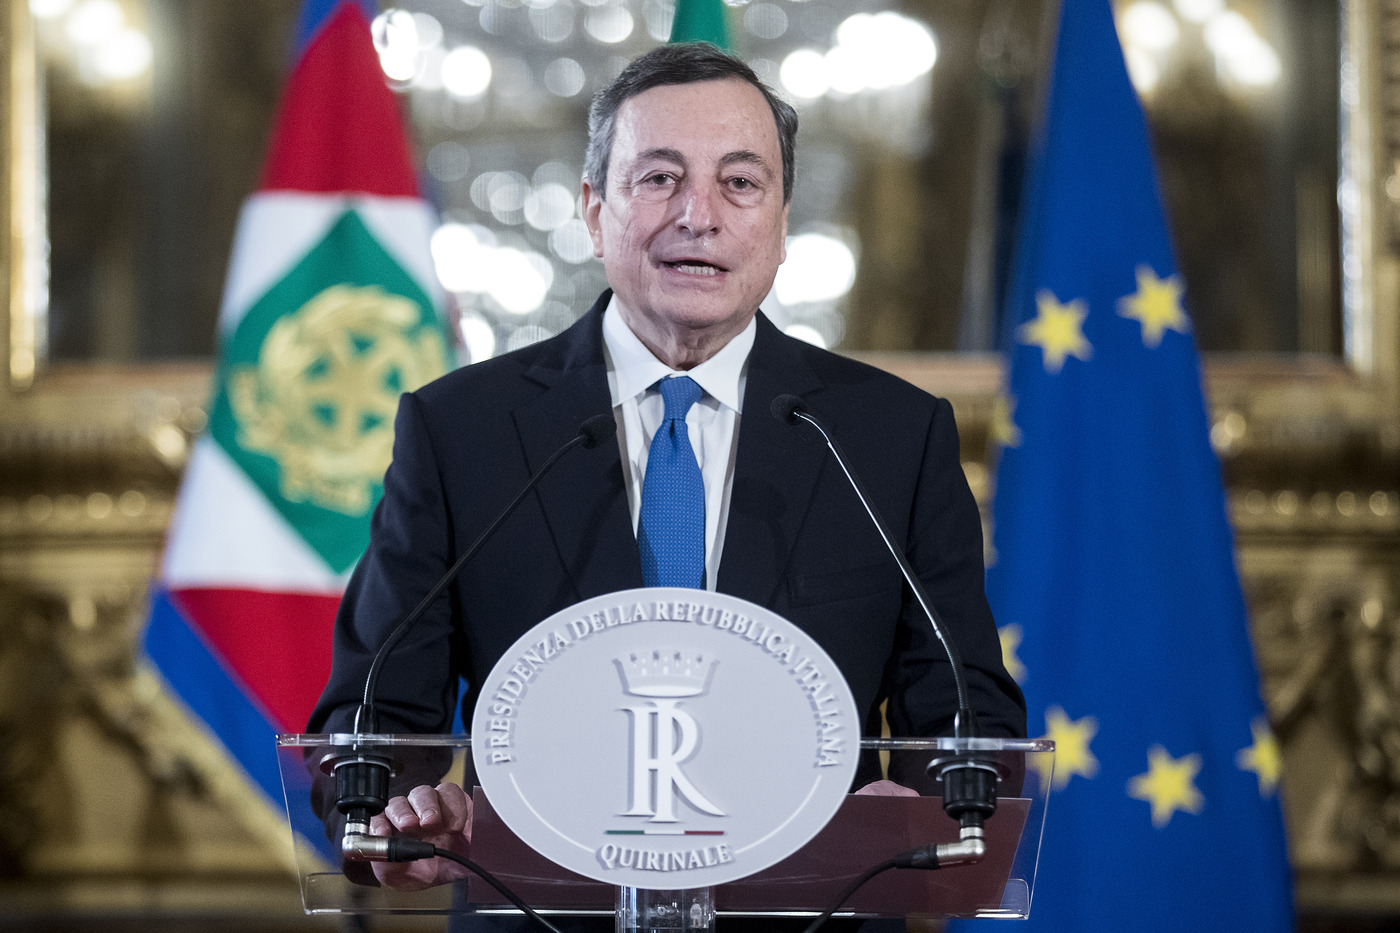 Quirinale - Dichiarazioni del Presidente del Consiglio incaricato Mario Draghi